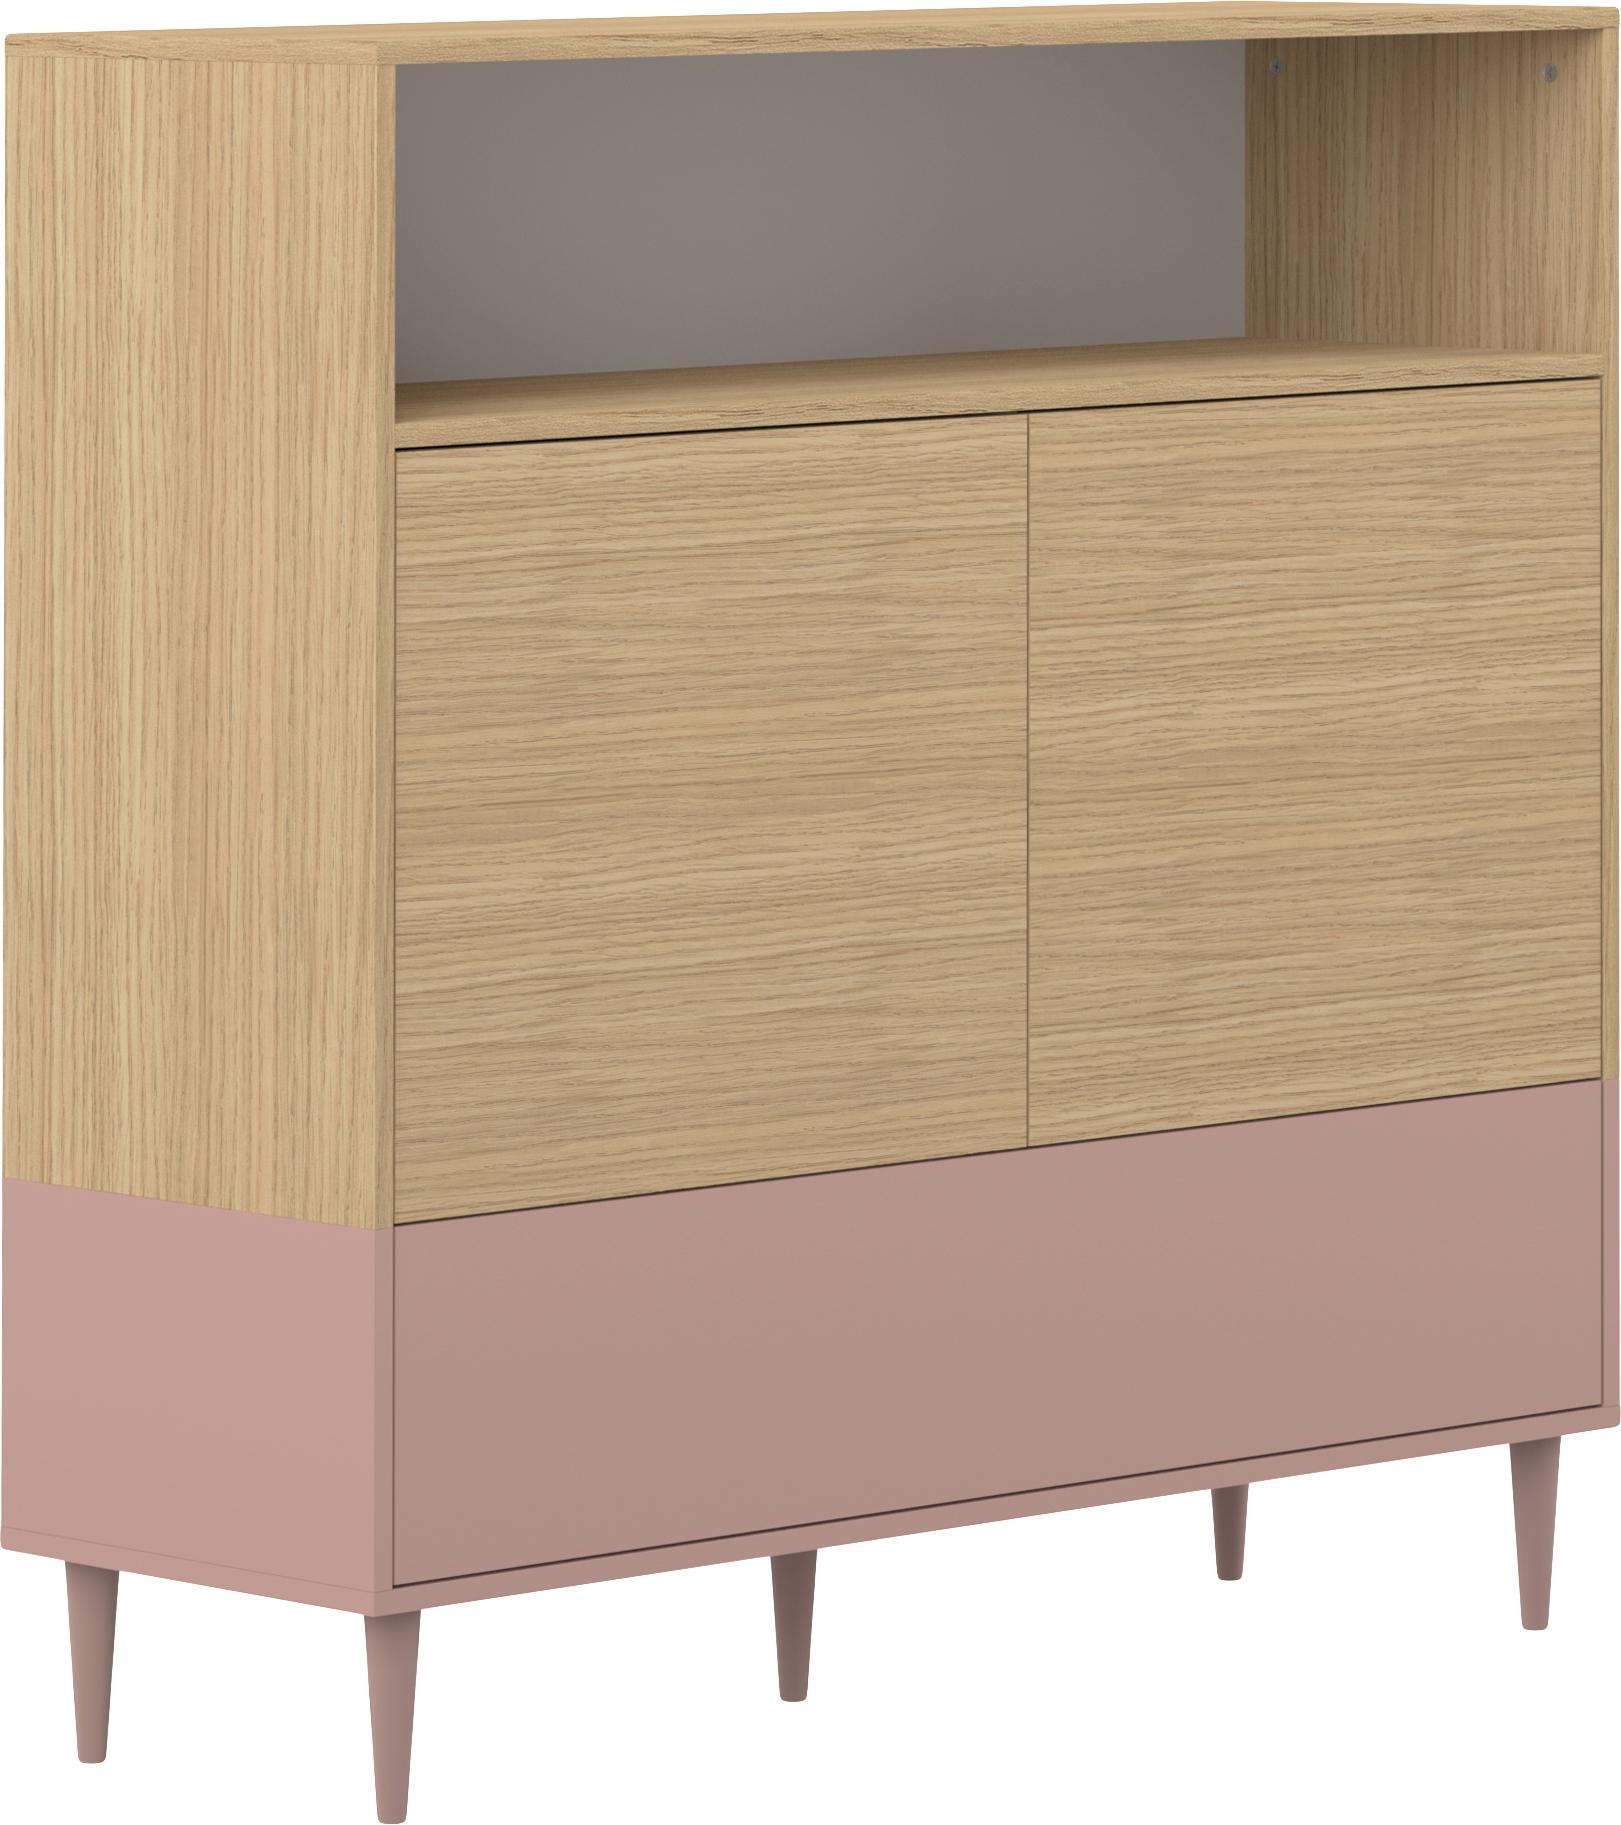 Credenza alta scandi Horizon, Piedini: legno di faggio, massicci, Legno di quercia, rosa cipria, Larg. 120 x Alt. 121 cm